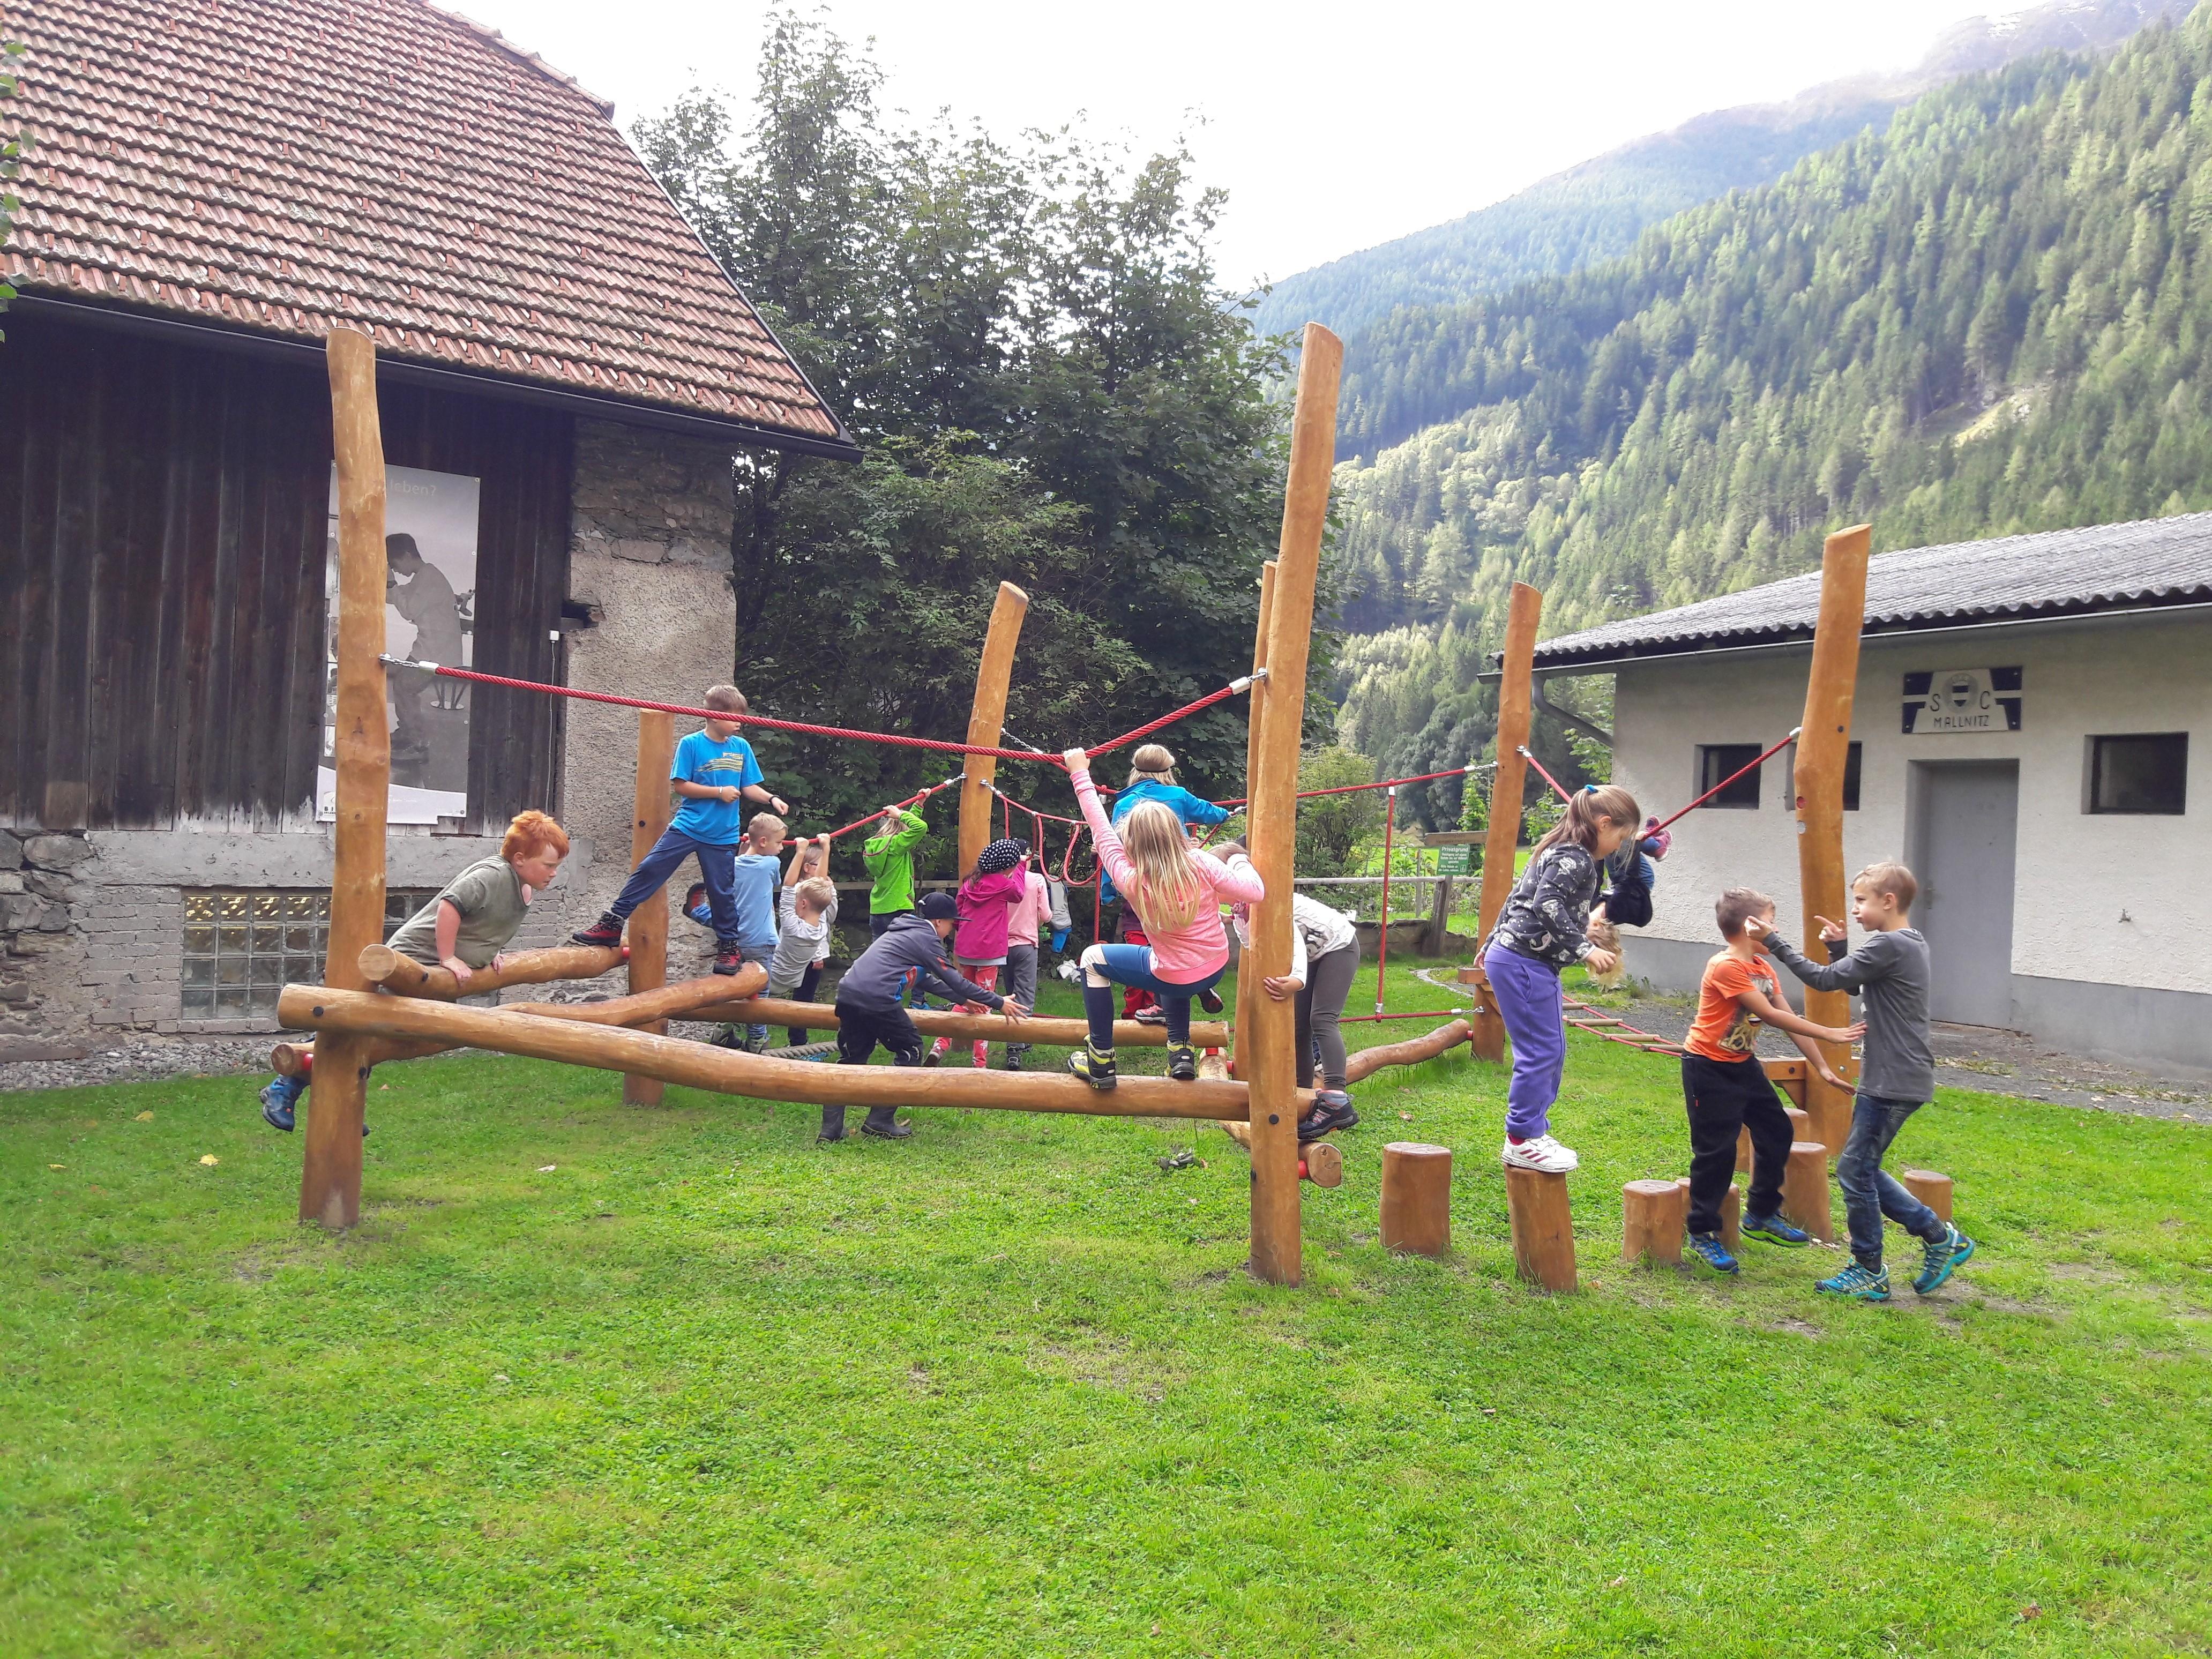 Klettergerüst Schulhof : Das neue klettergerüst im schulhof gemeinde mallnitz